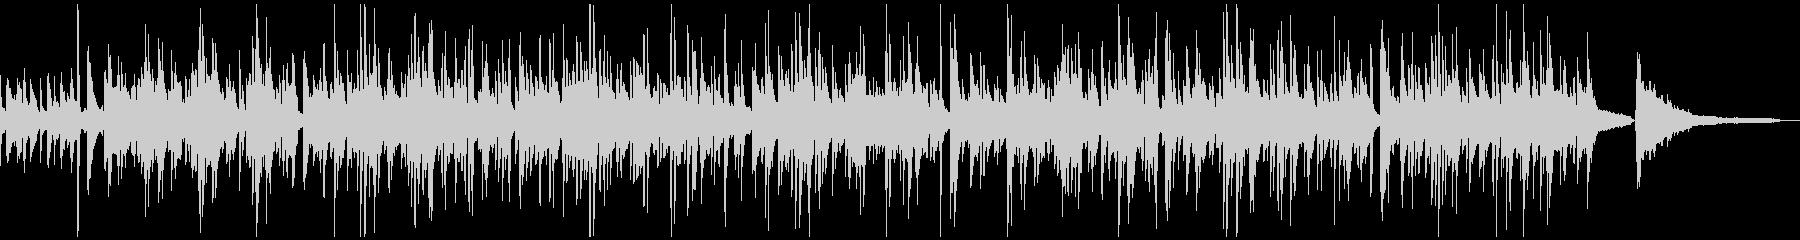 まろやかで柔らかく揺れるボサノバ曲の未再生の波形